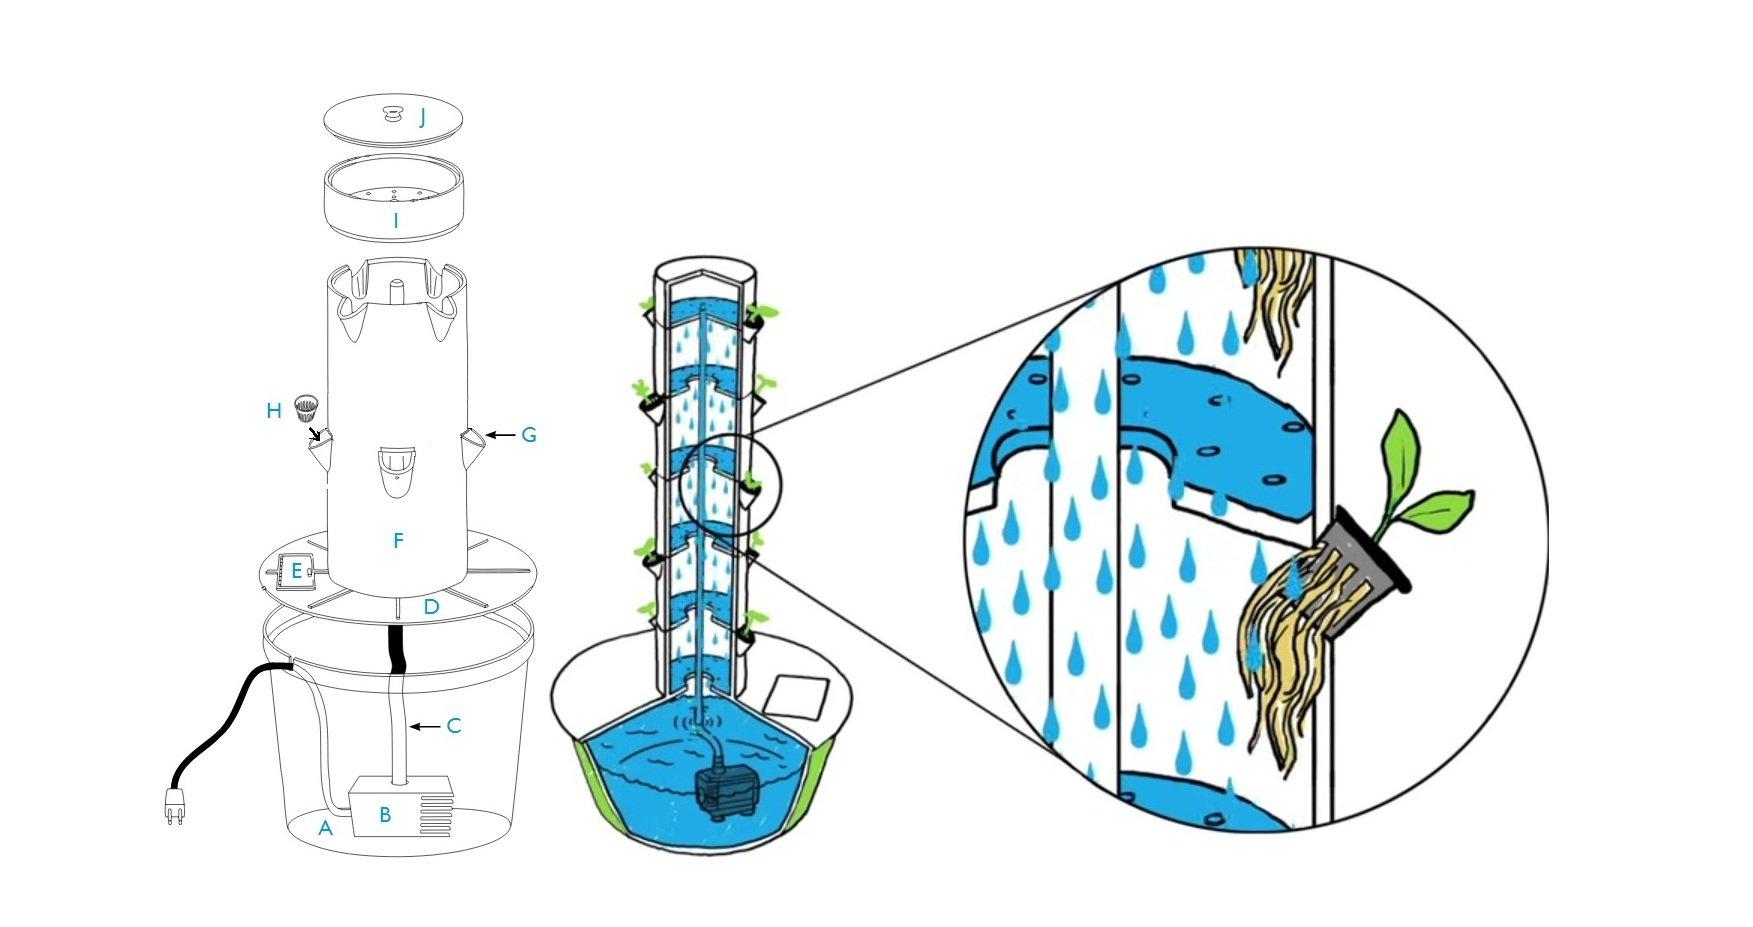 Hướng dẫn tự làm trụ trồng rau bằng khí canh - p2